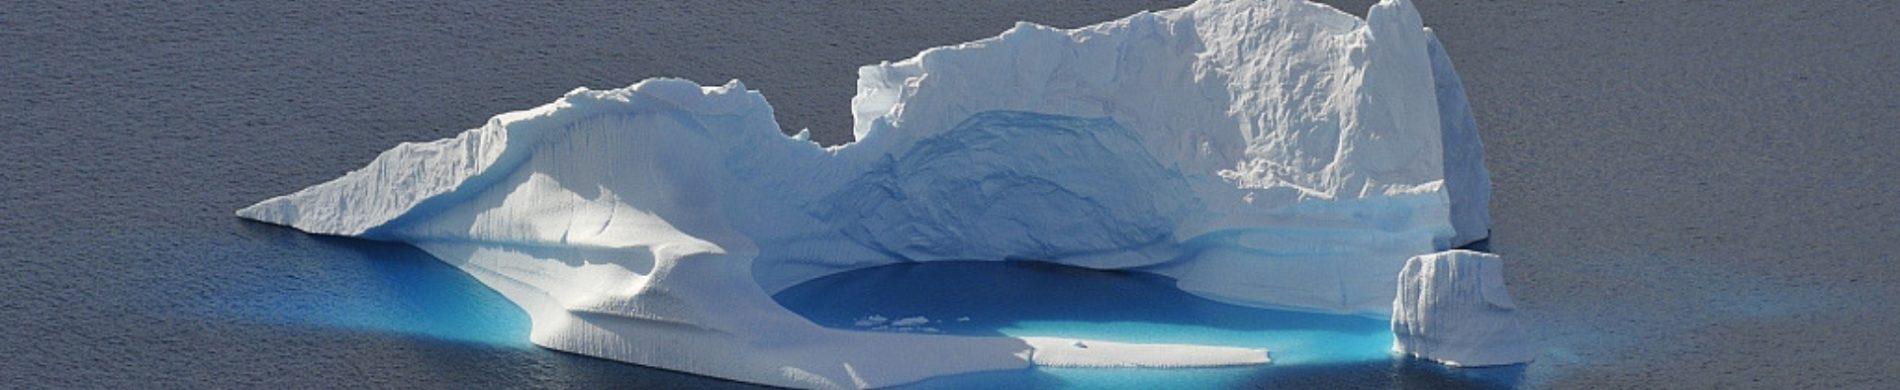 Destination : Antarctique - Les matins du monde